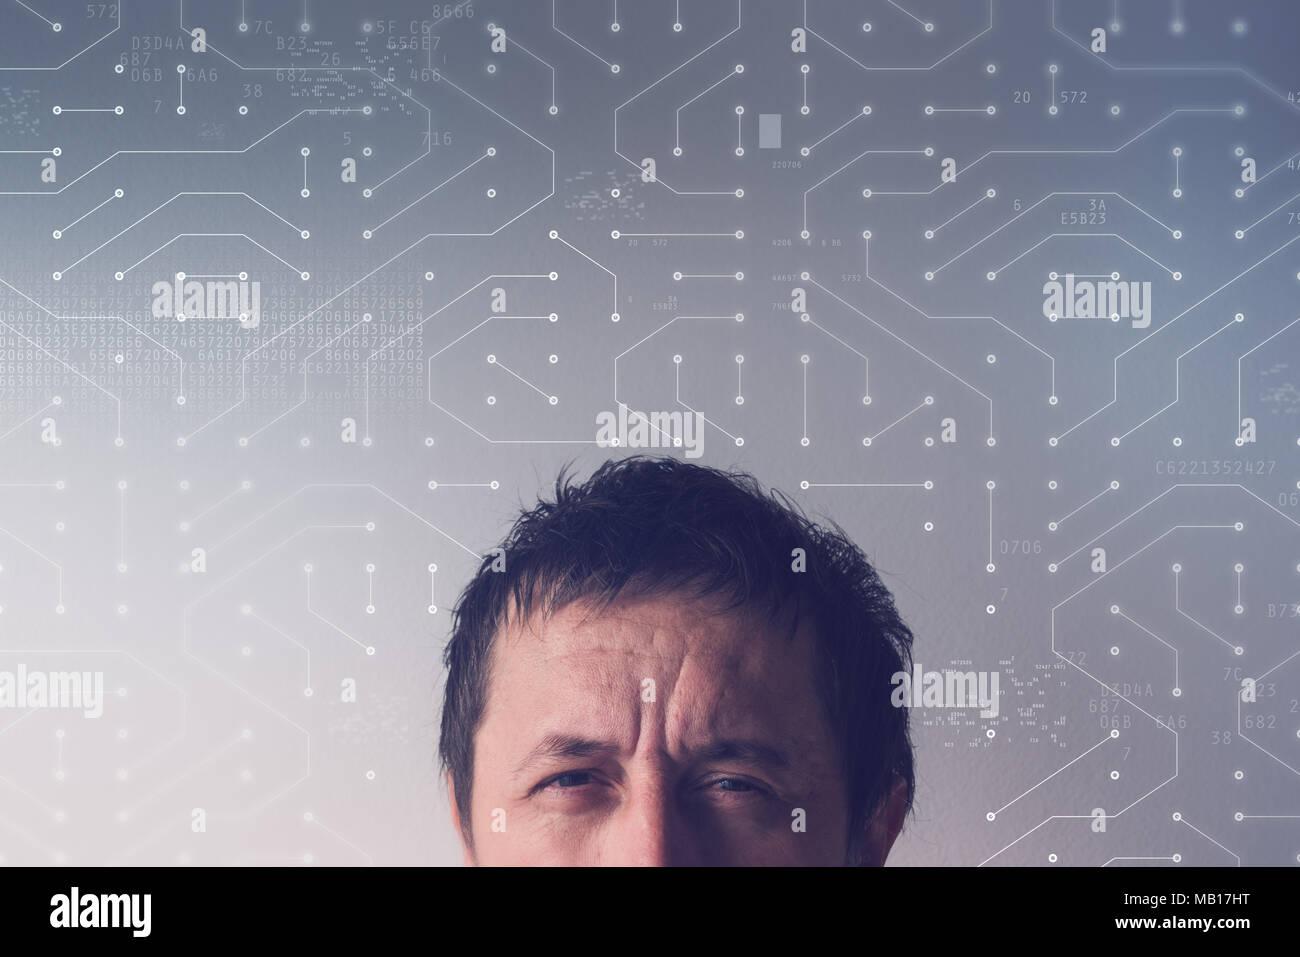 El concepto de red neural artificial con cabeza masculina y la placa de circuitos de computadora Imagen De Stock